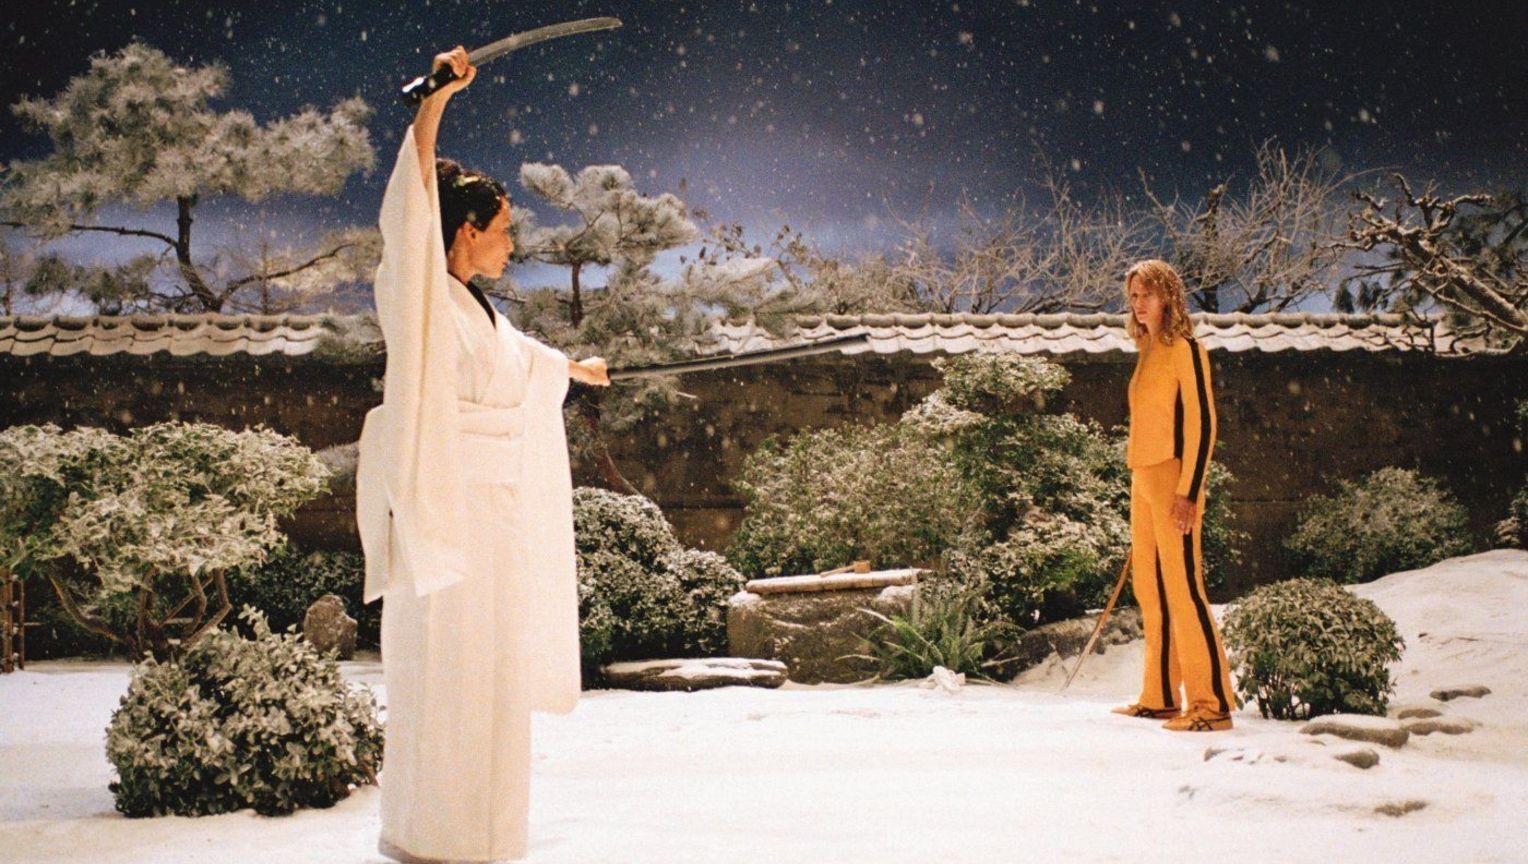 Kill-Bill-O-Ren-Ishii-The-Bride